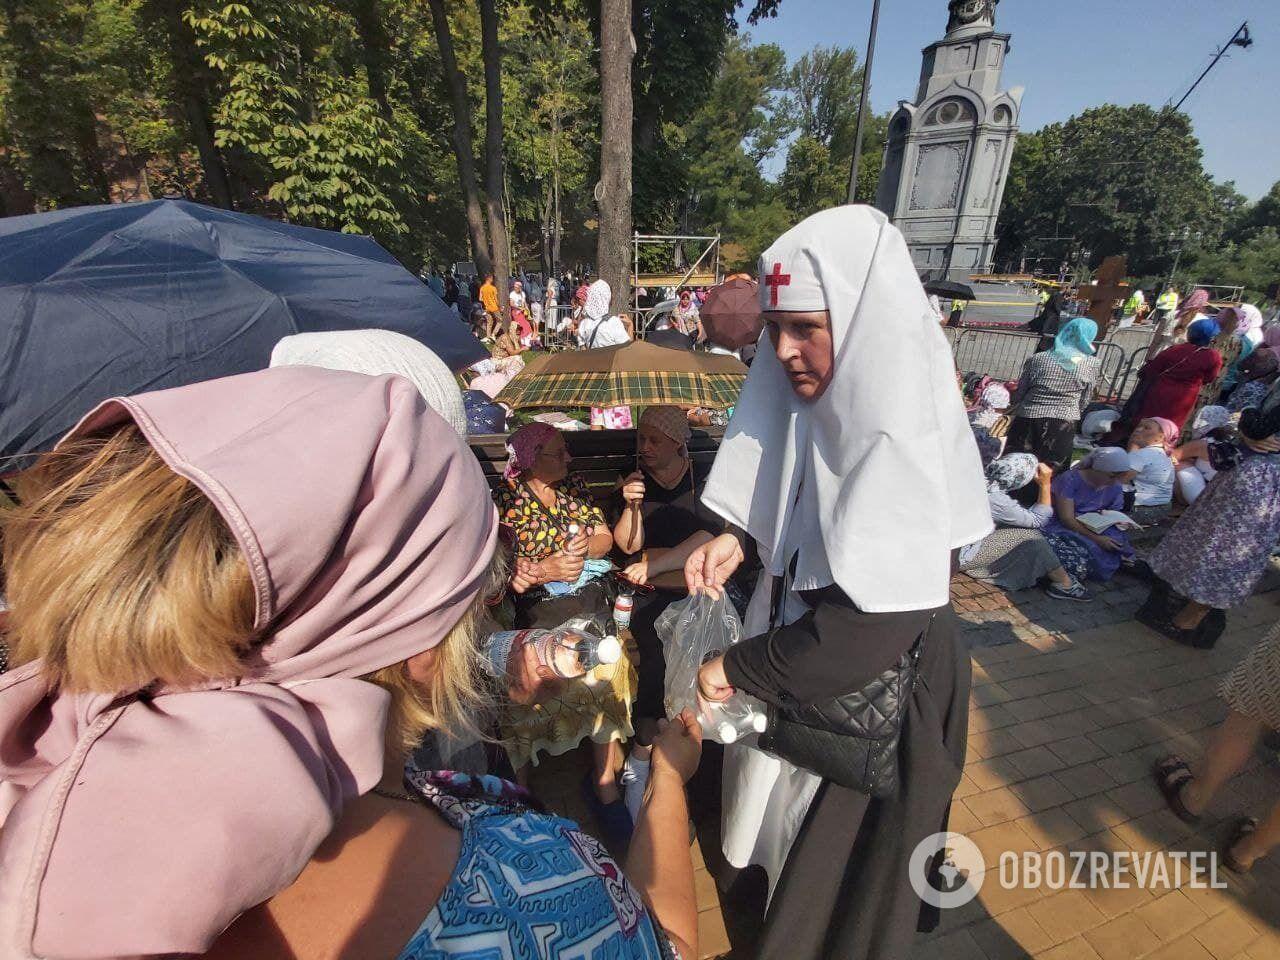 Монахини бесплатно раздавали воду всем желающим.